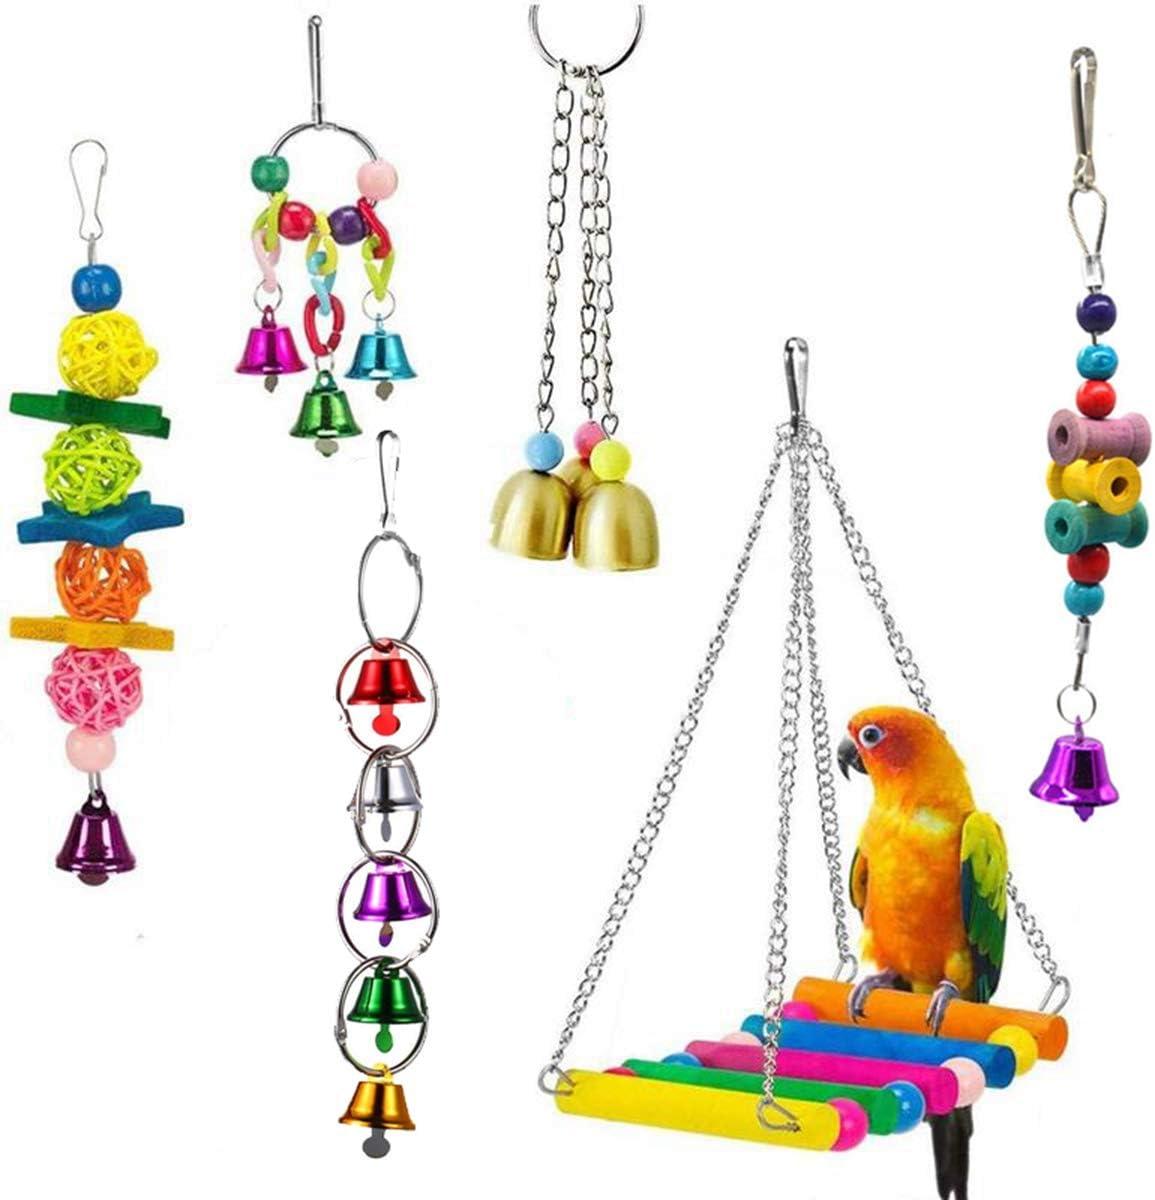 WOAILUO quality assurance Ball Bell Swing Max 68% OFF Standing Training Bird Hammock Perch Par